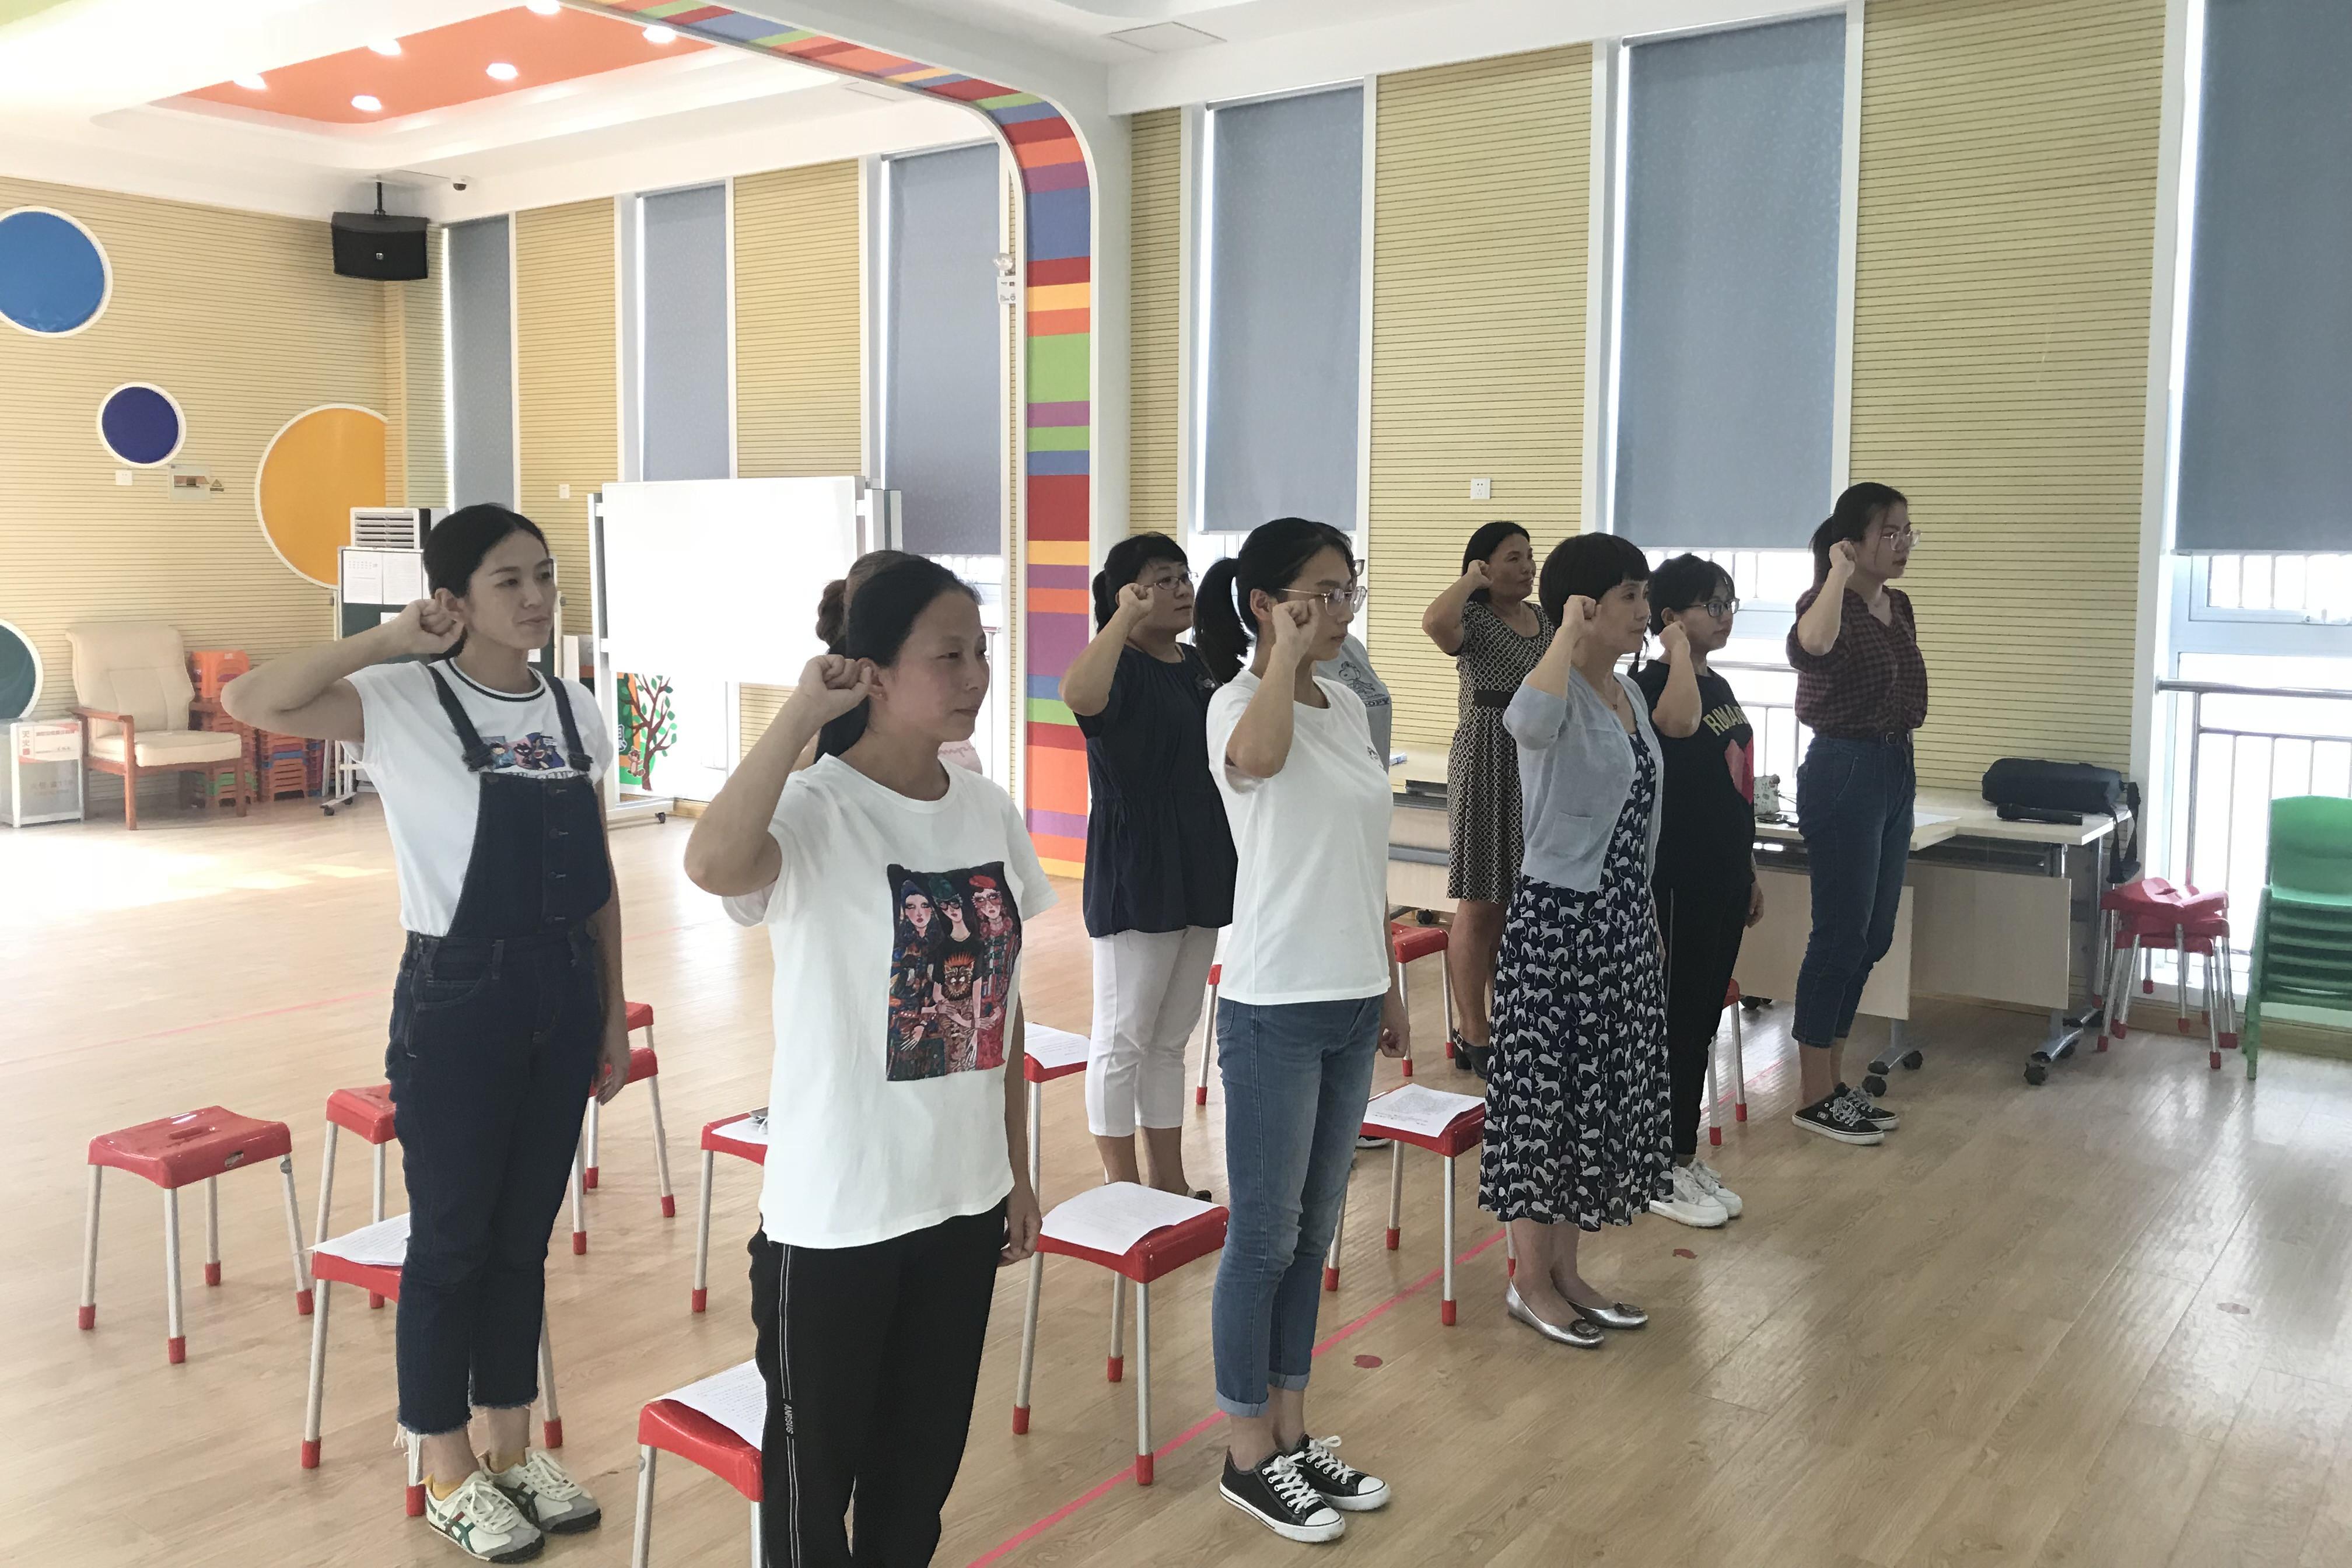 济南天桥区幼教中心第三实验幼儿园多彩活动庆祝教师节